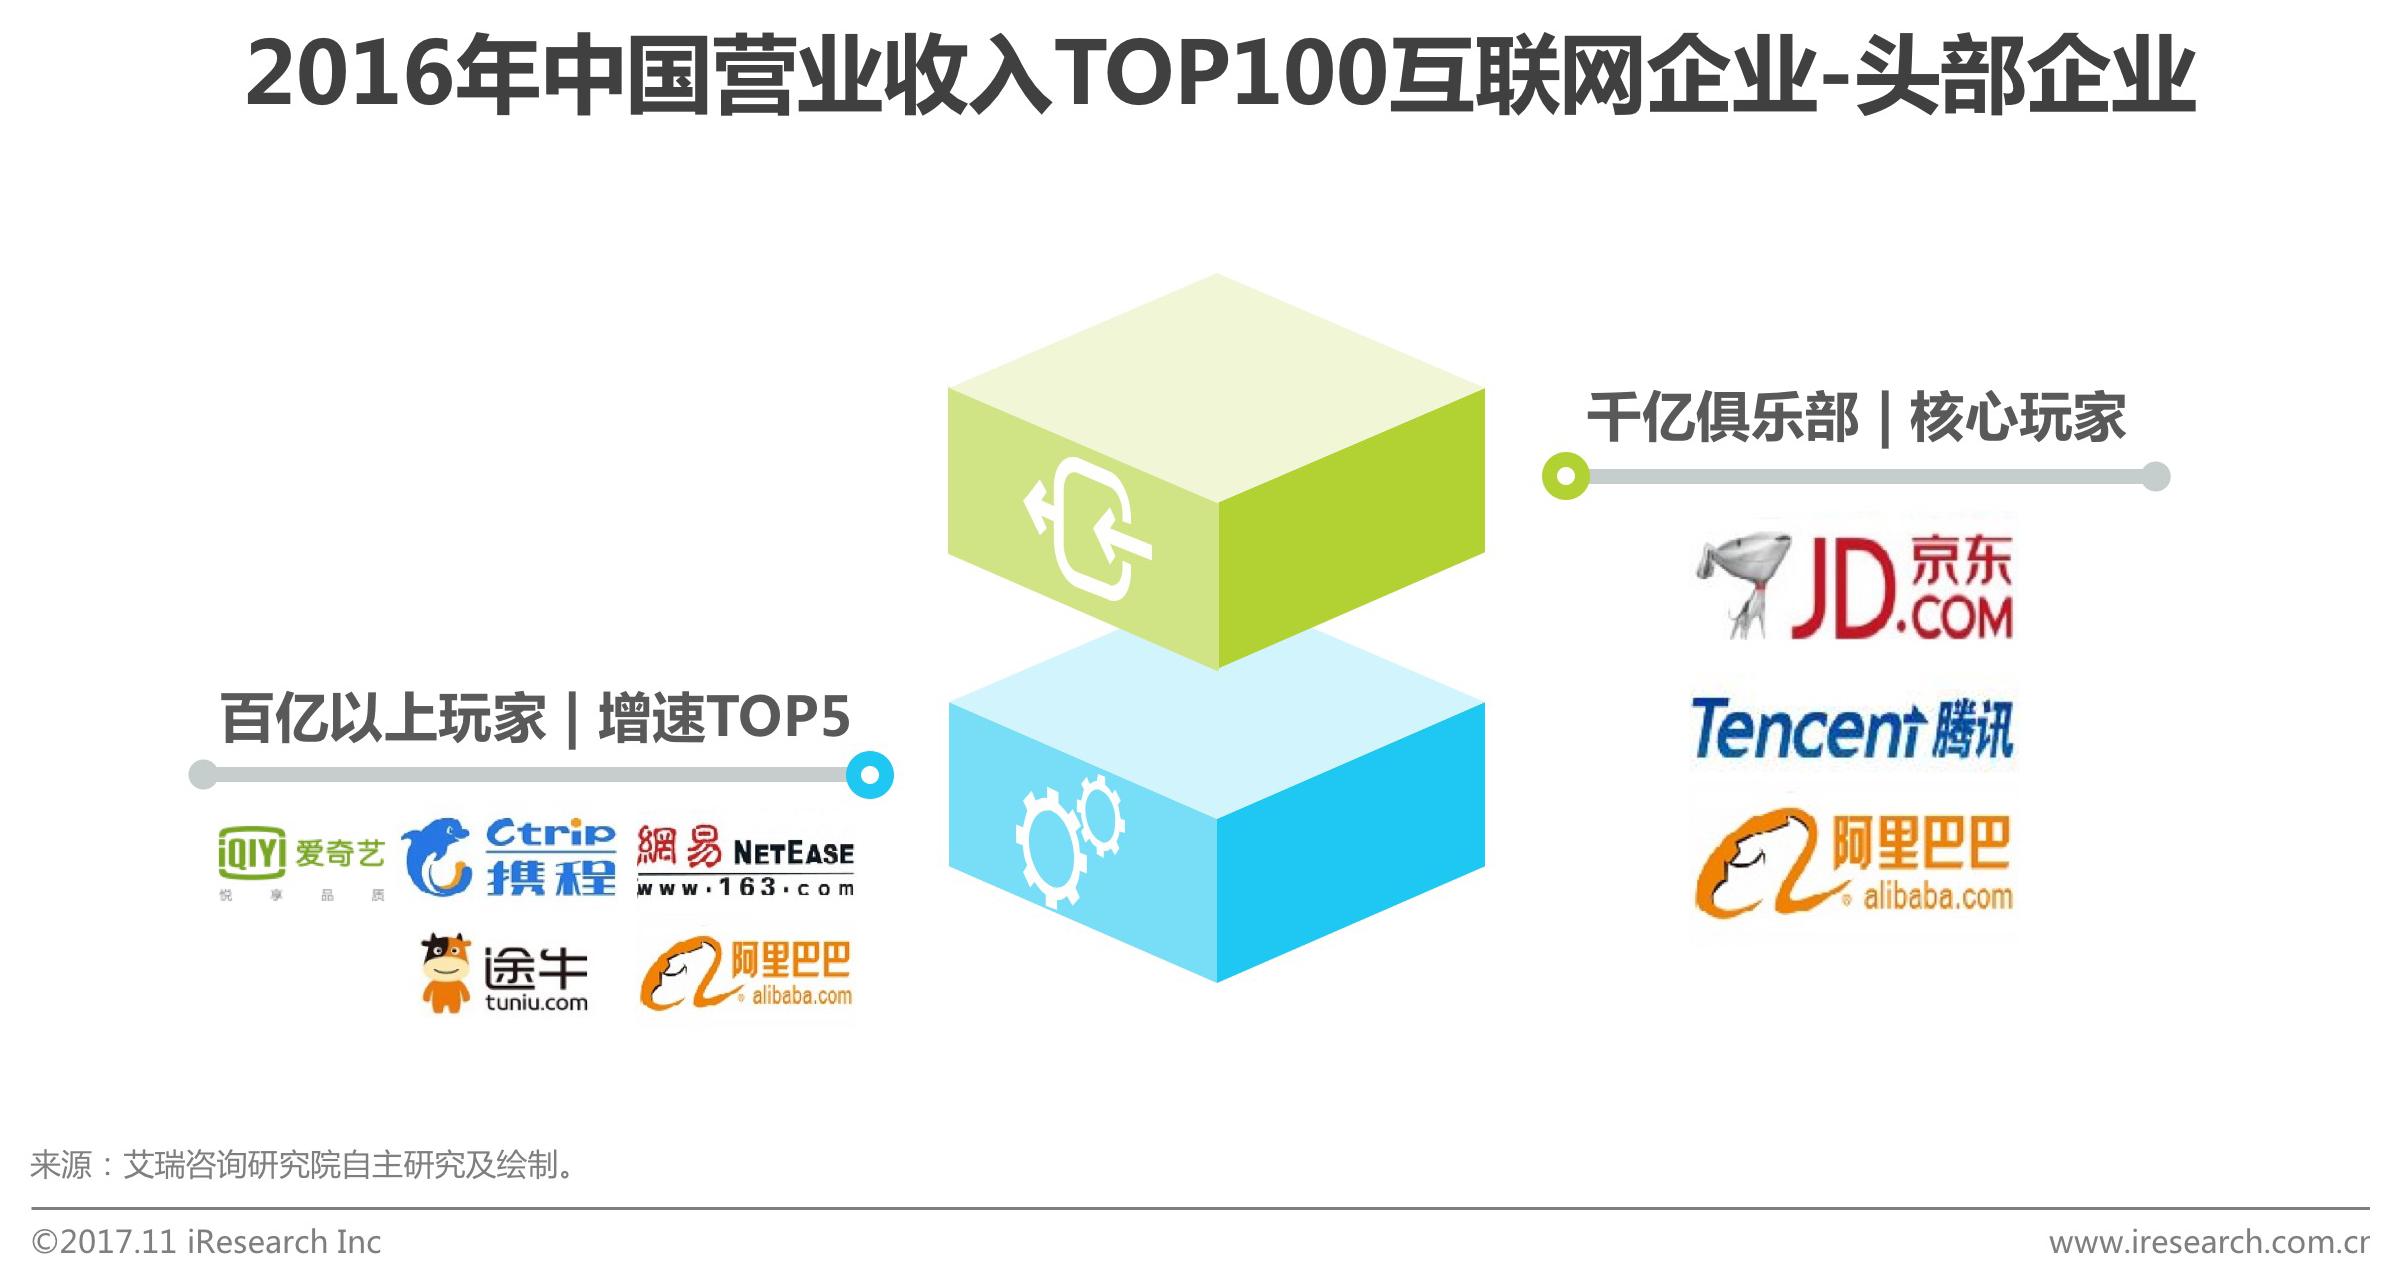 2016年中国营业收入TOP100互联网企业头部企业